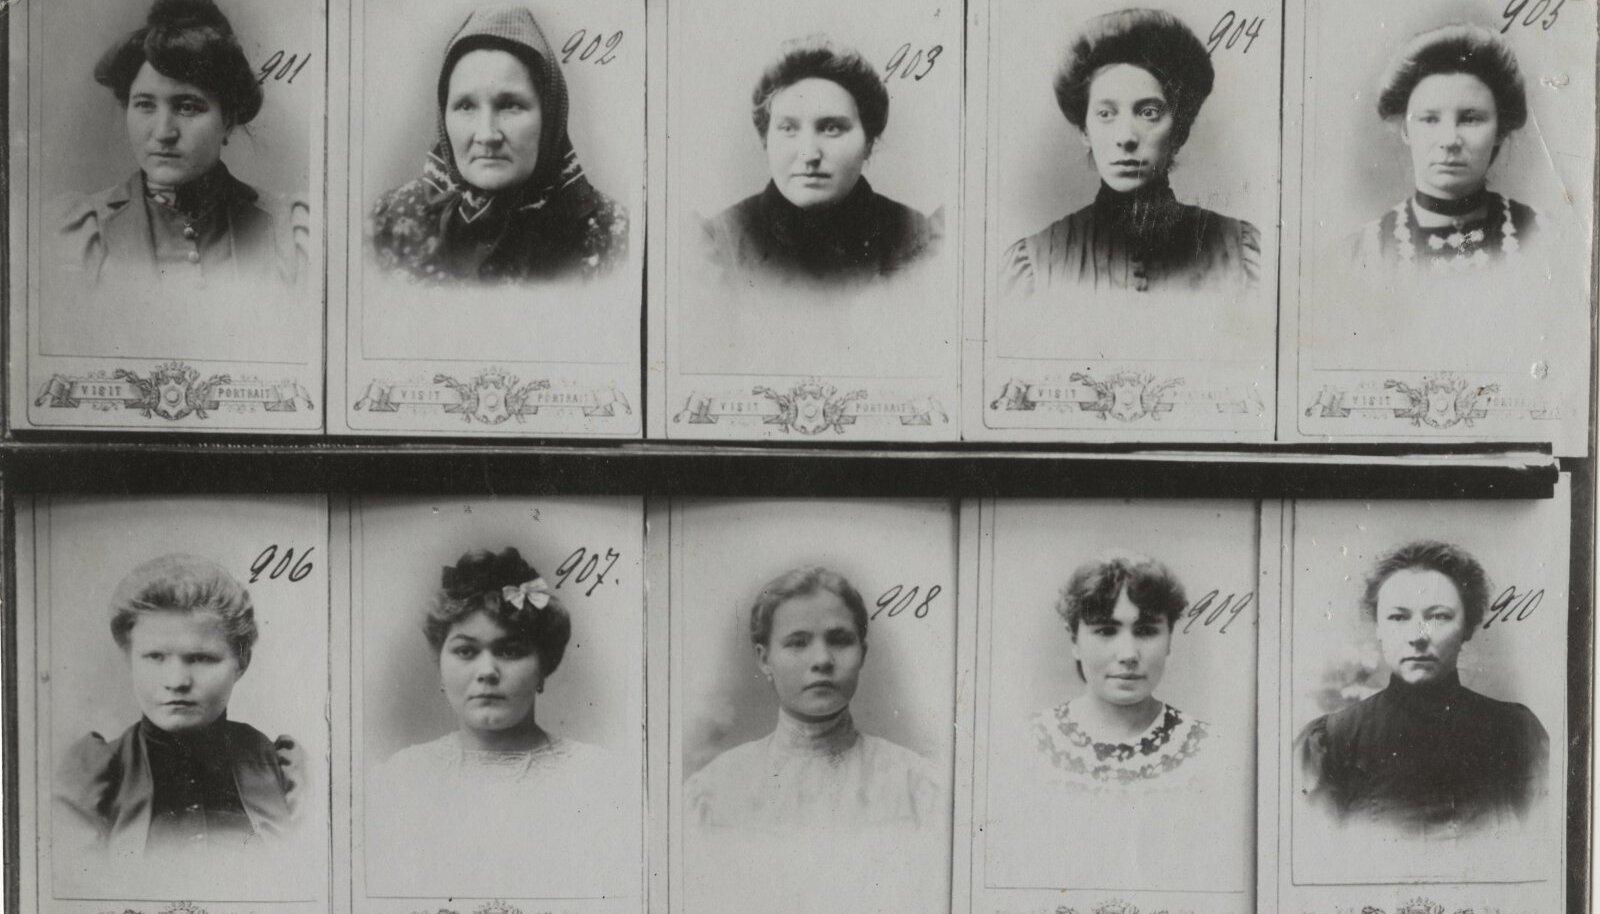 Ülesvõte Tartu prostituutide portreefotodest 1900 aastatel.